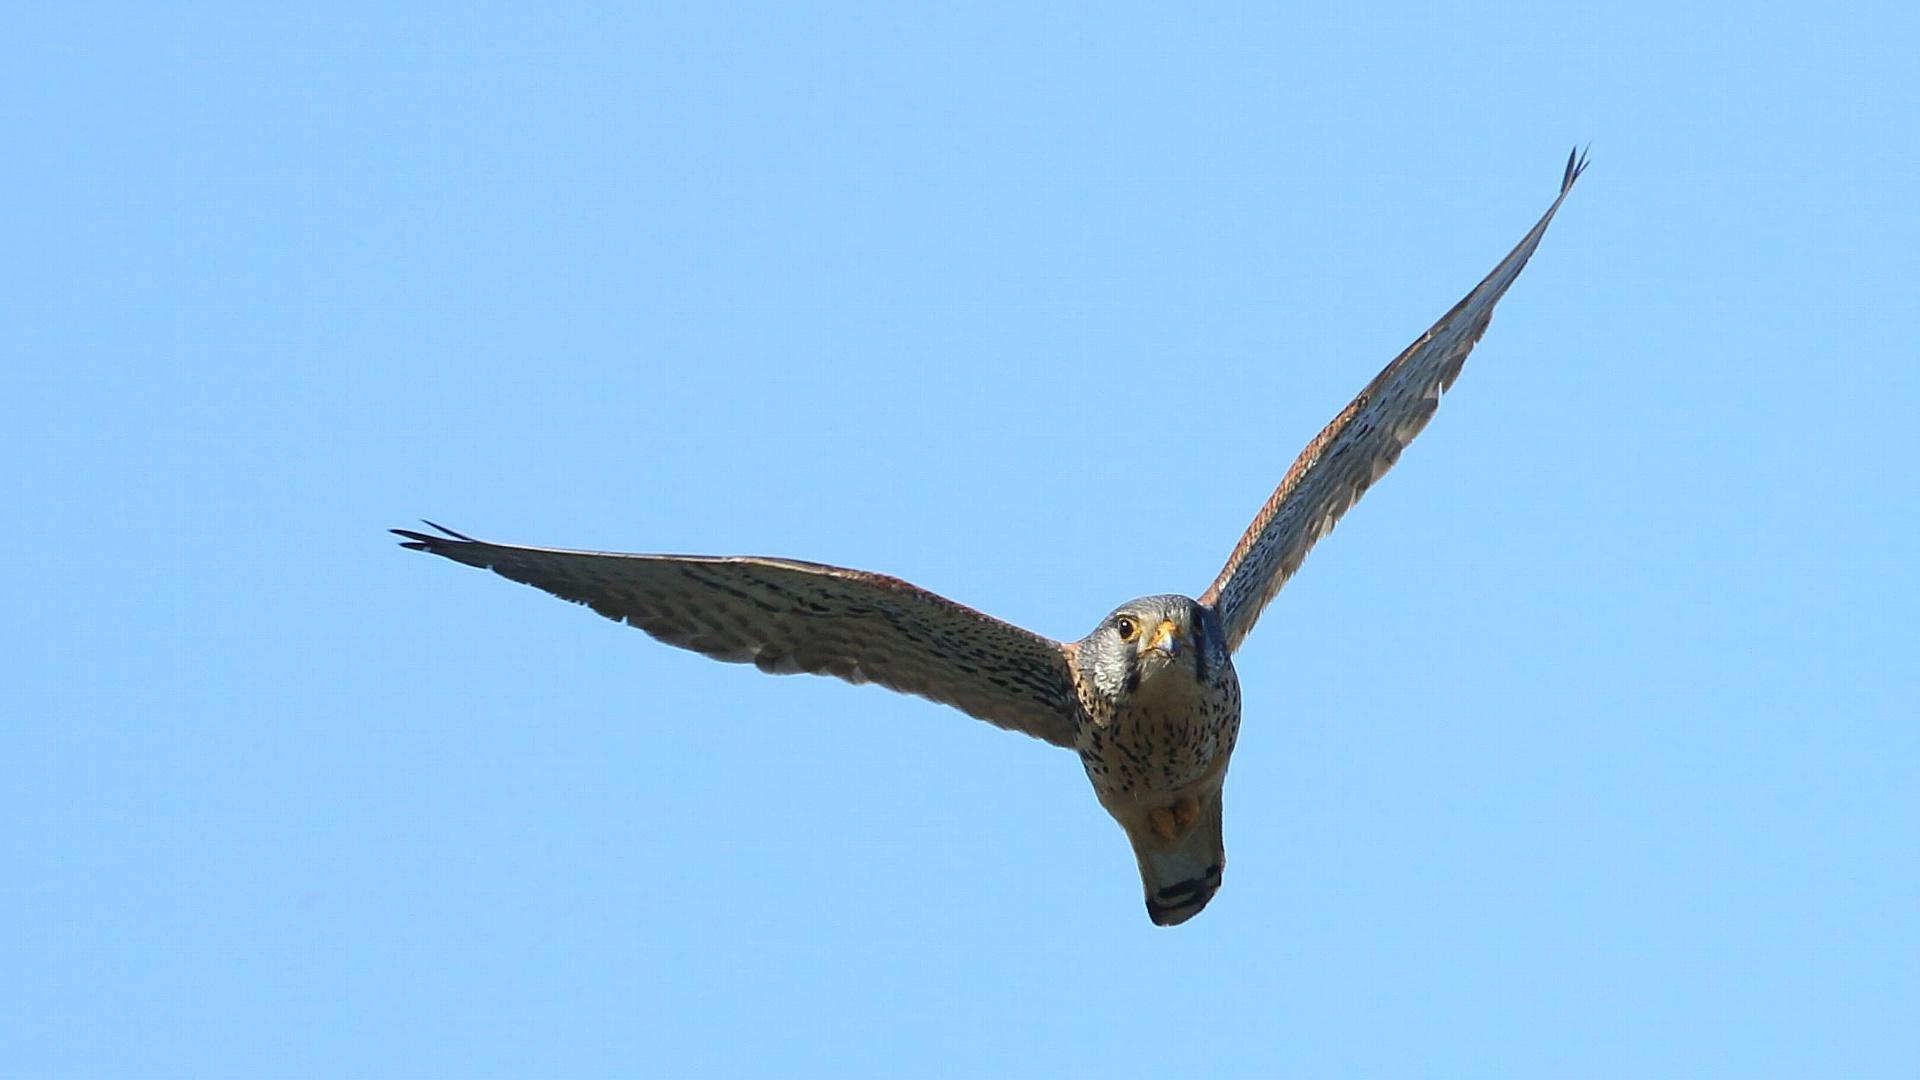 こちらに向かって飛んできたチョウゲンボウお父さん_f0105570_21243497.jpg